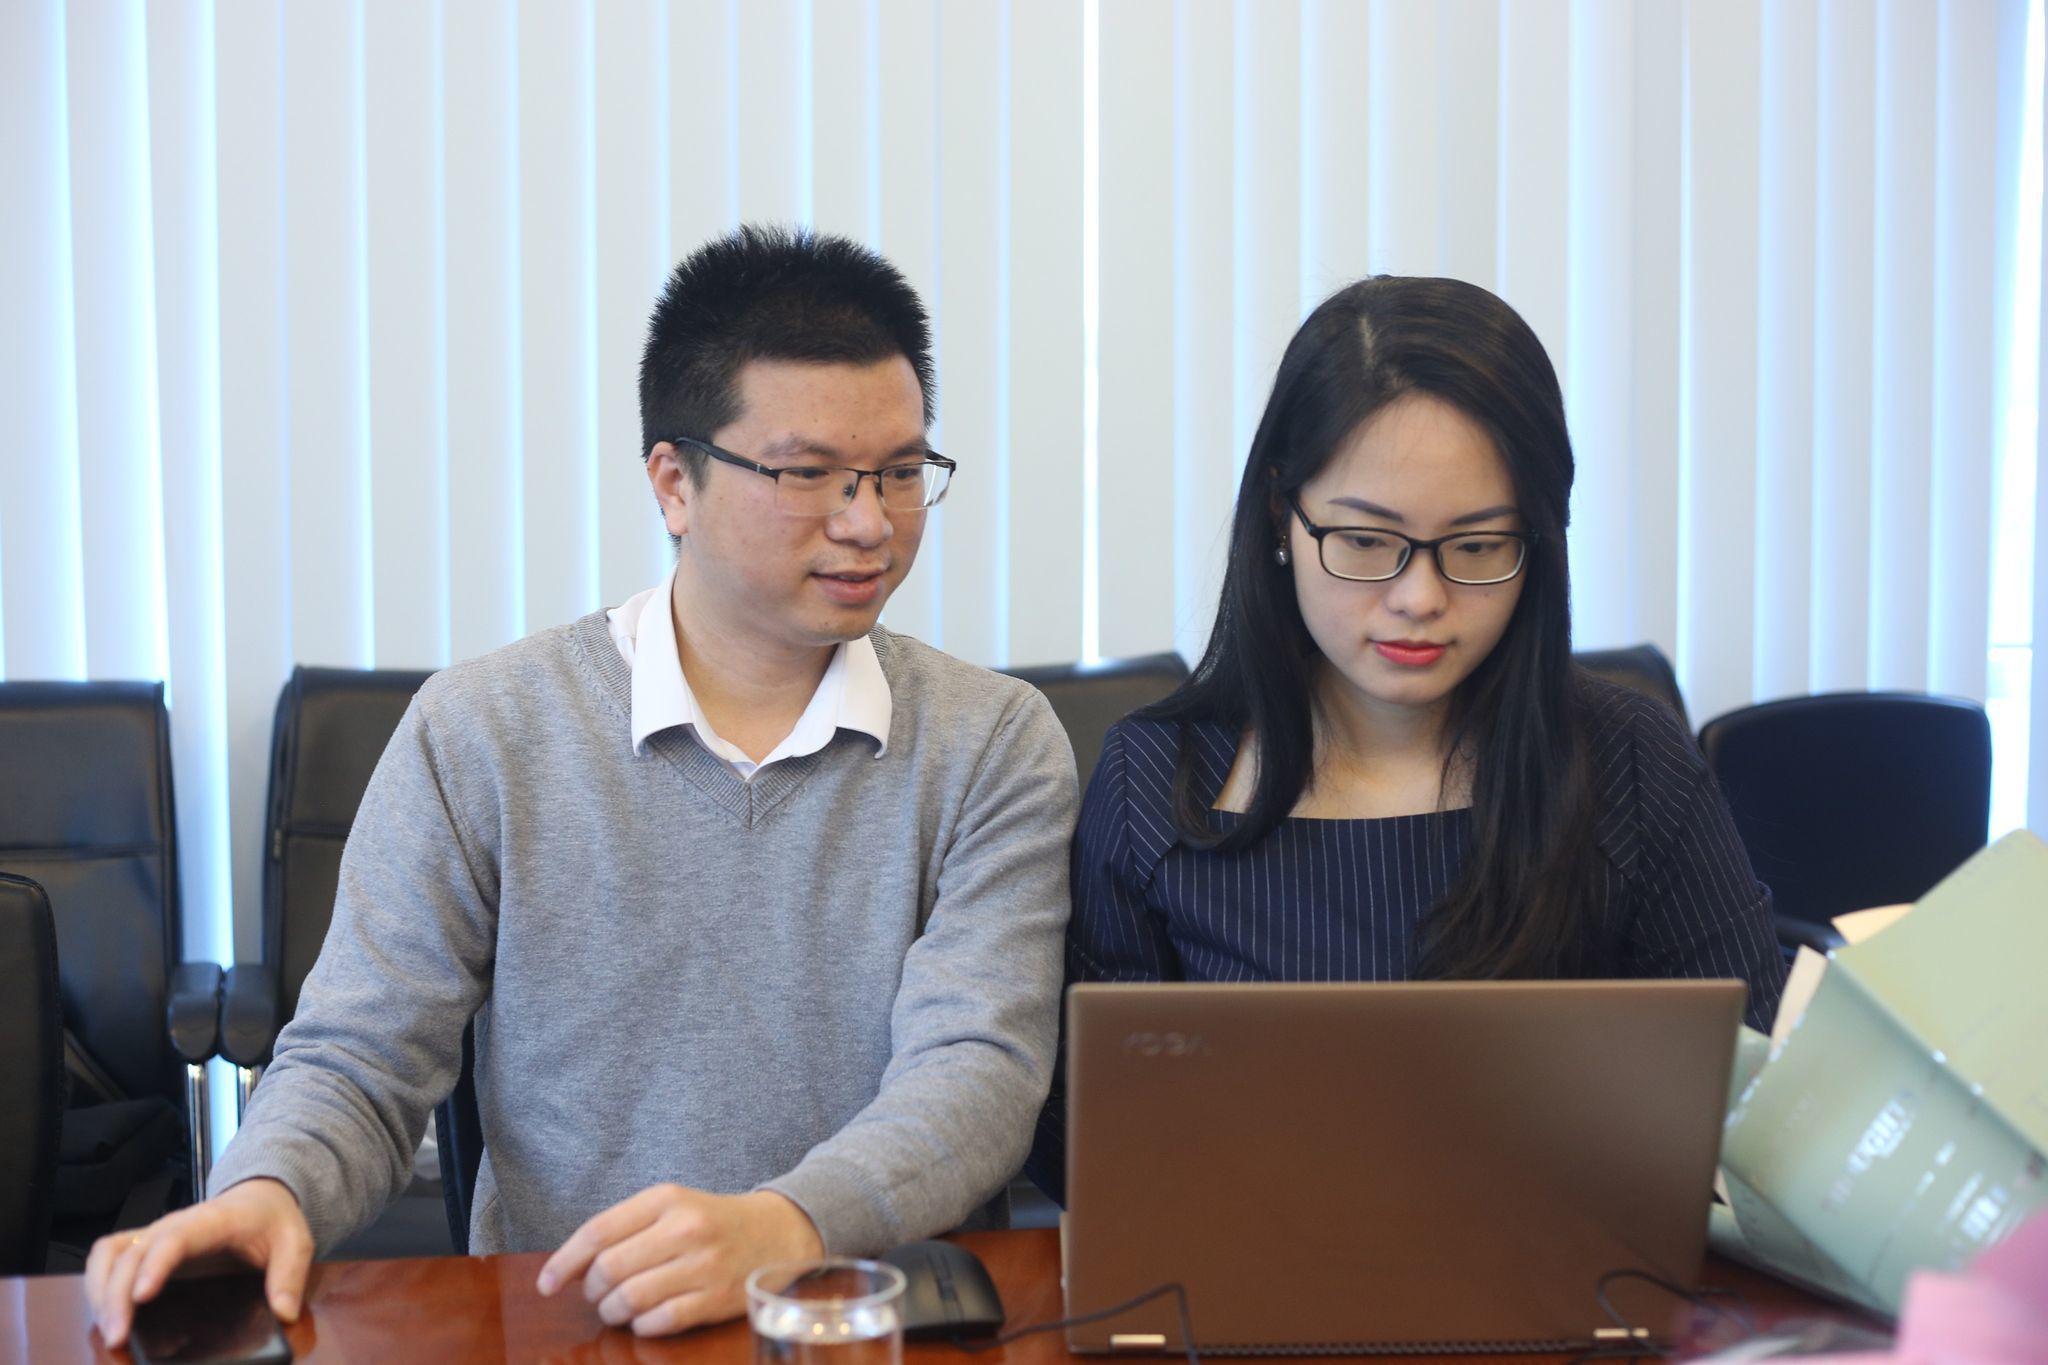 Giao lưu với 3 Gương mặt trẻ Việt Nam tiêu biểu 2020: 'Hãy nuôi dưỡng đam mê, đừng sợ thất bại'